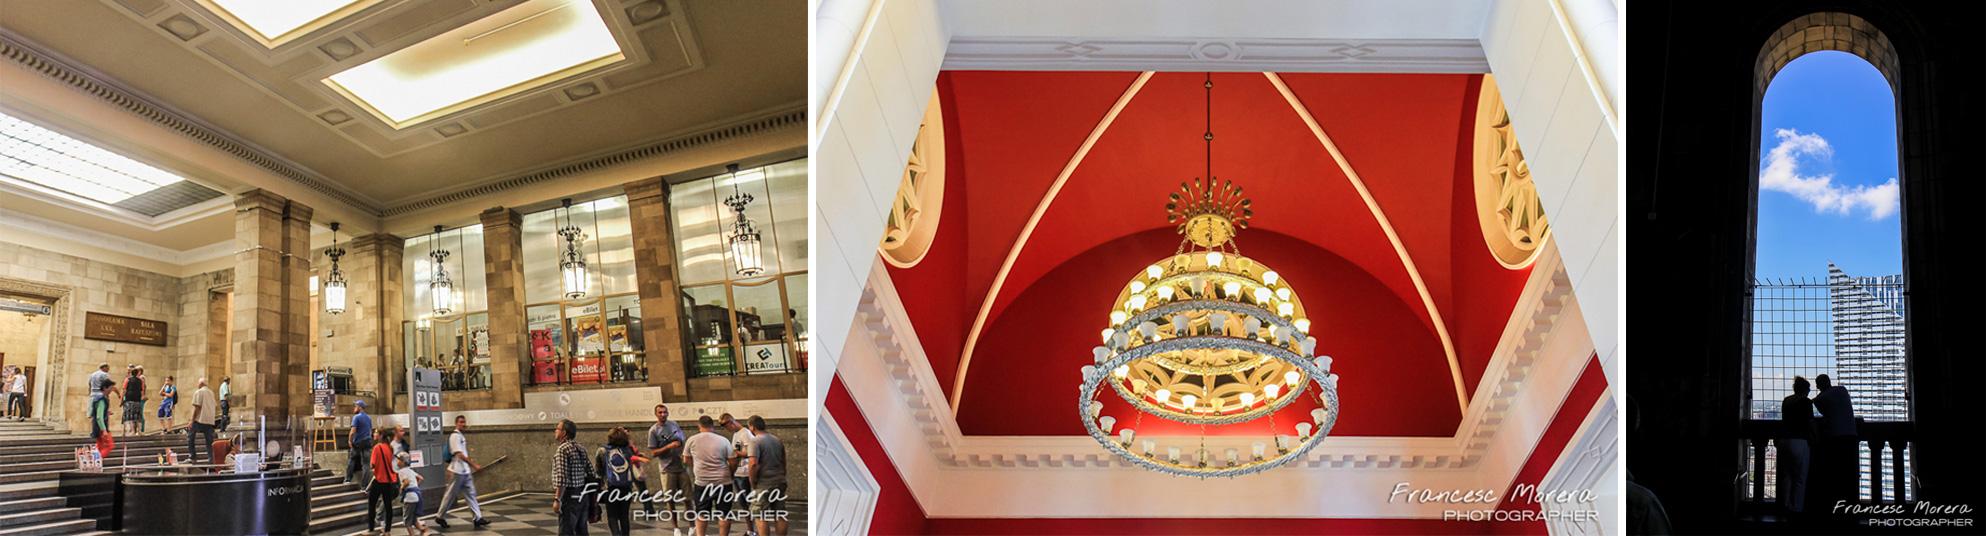 palacio_varsovia_interior